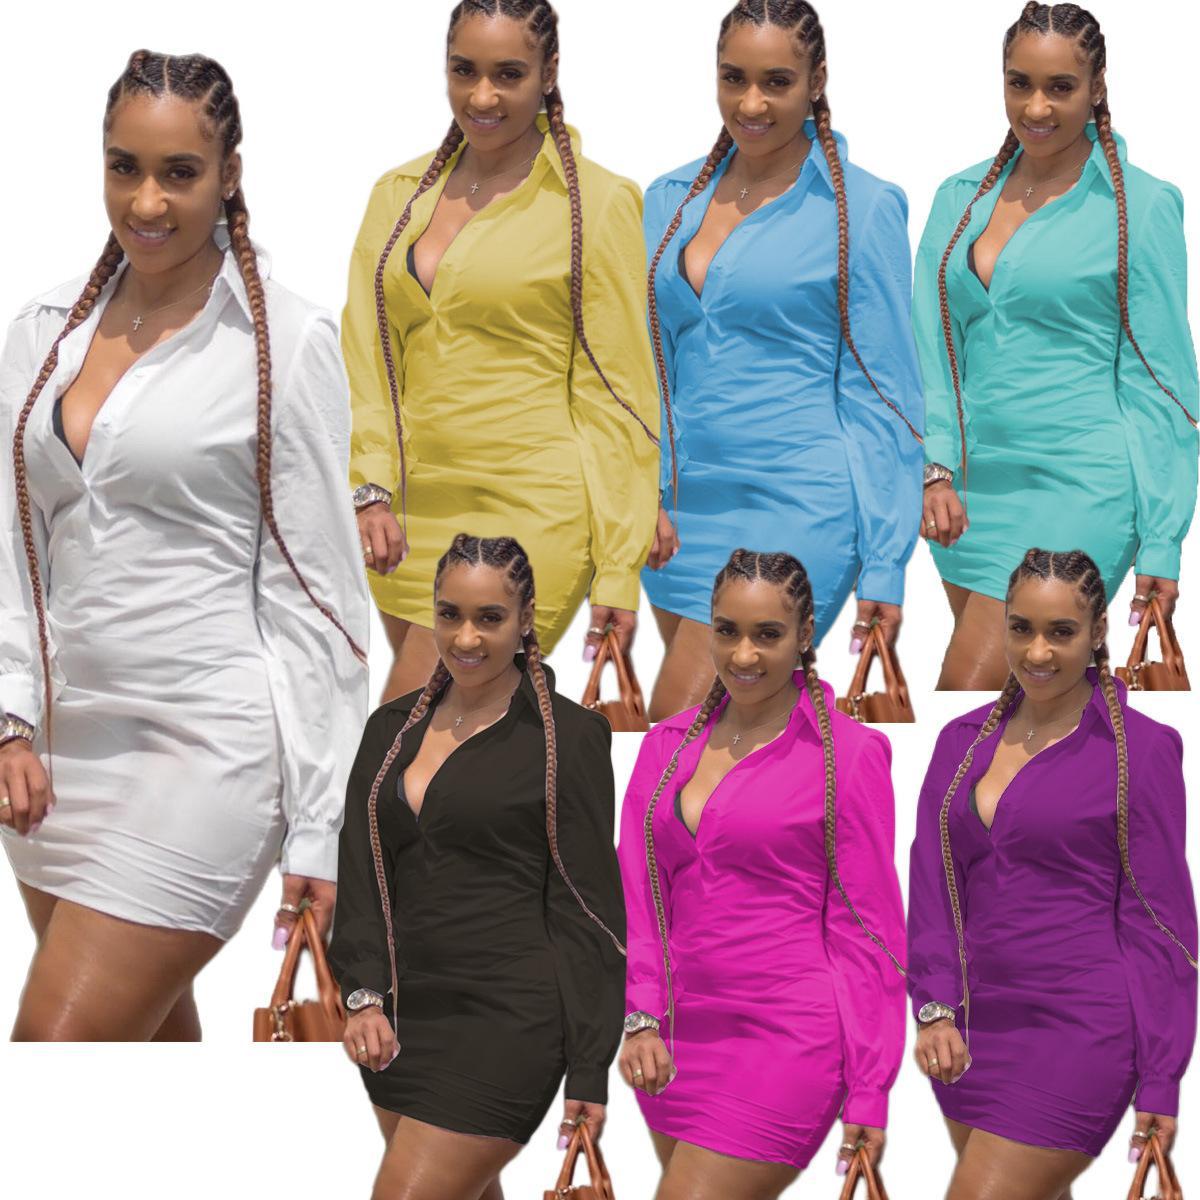 Мода Повседневная Женщины Платья Sexy V шеи Короткие платья пляжа шифоновое белый мини Сыпучие вскользь тенниска платье плюс размер 8805